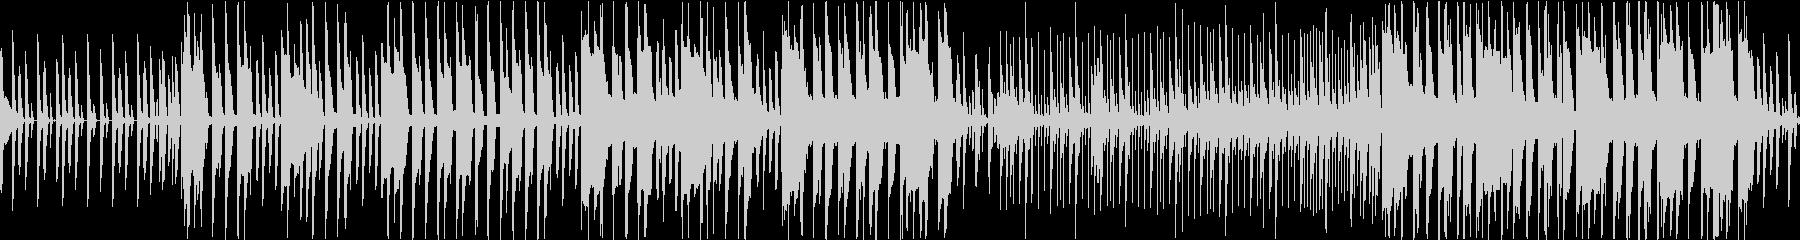 メニュー選択画面のBGM(ループ仕様)の未再生の波形